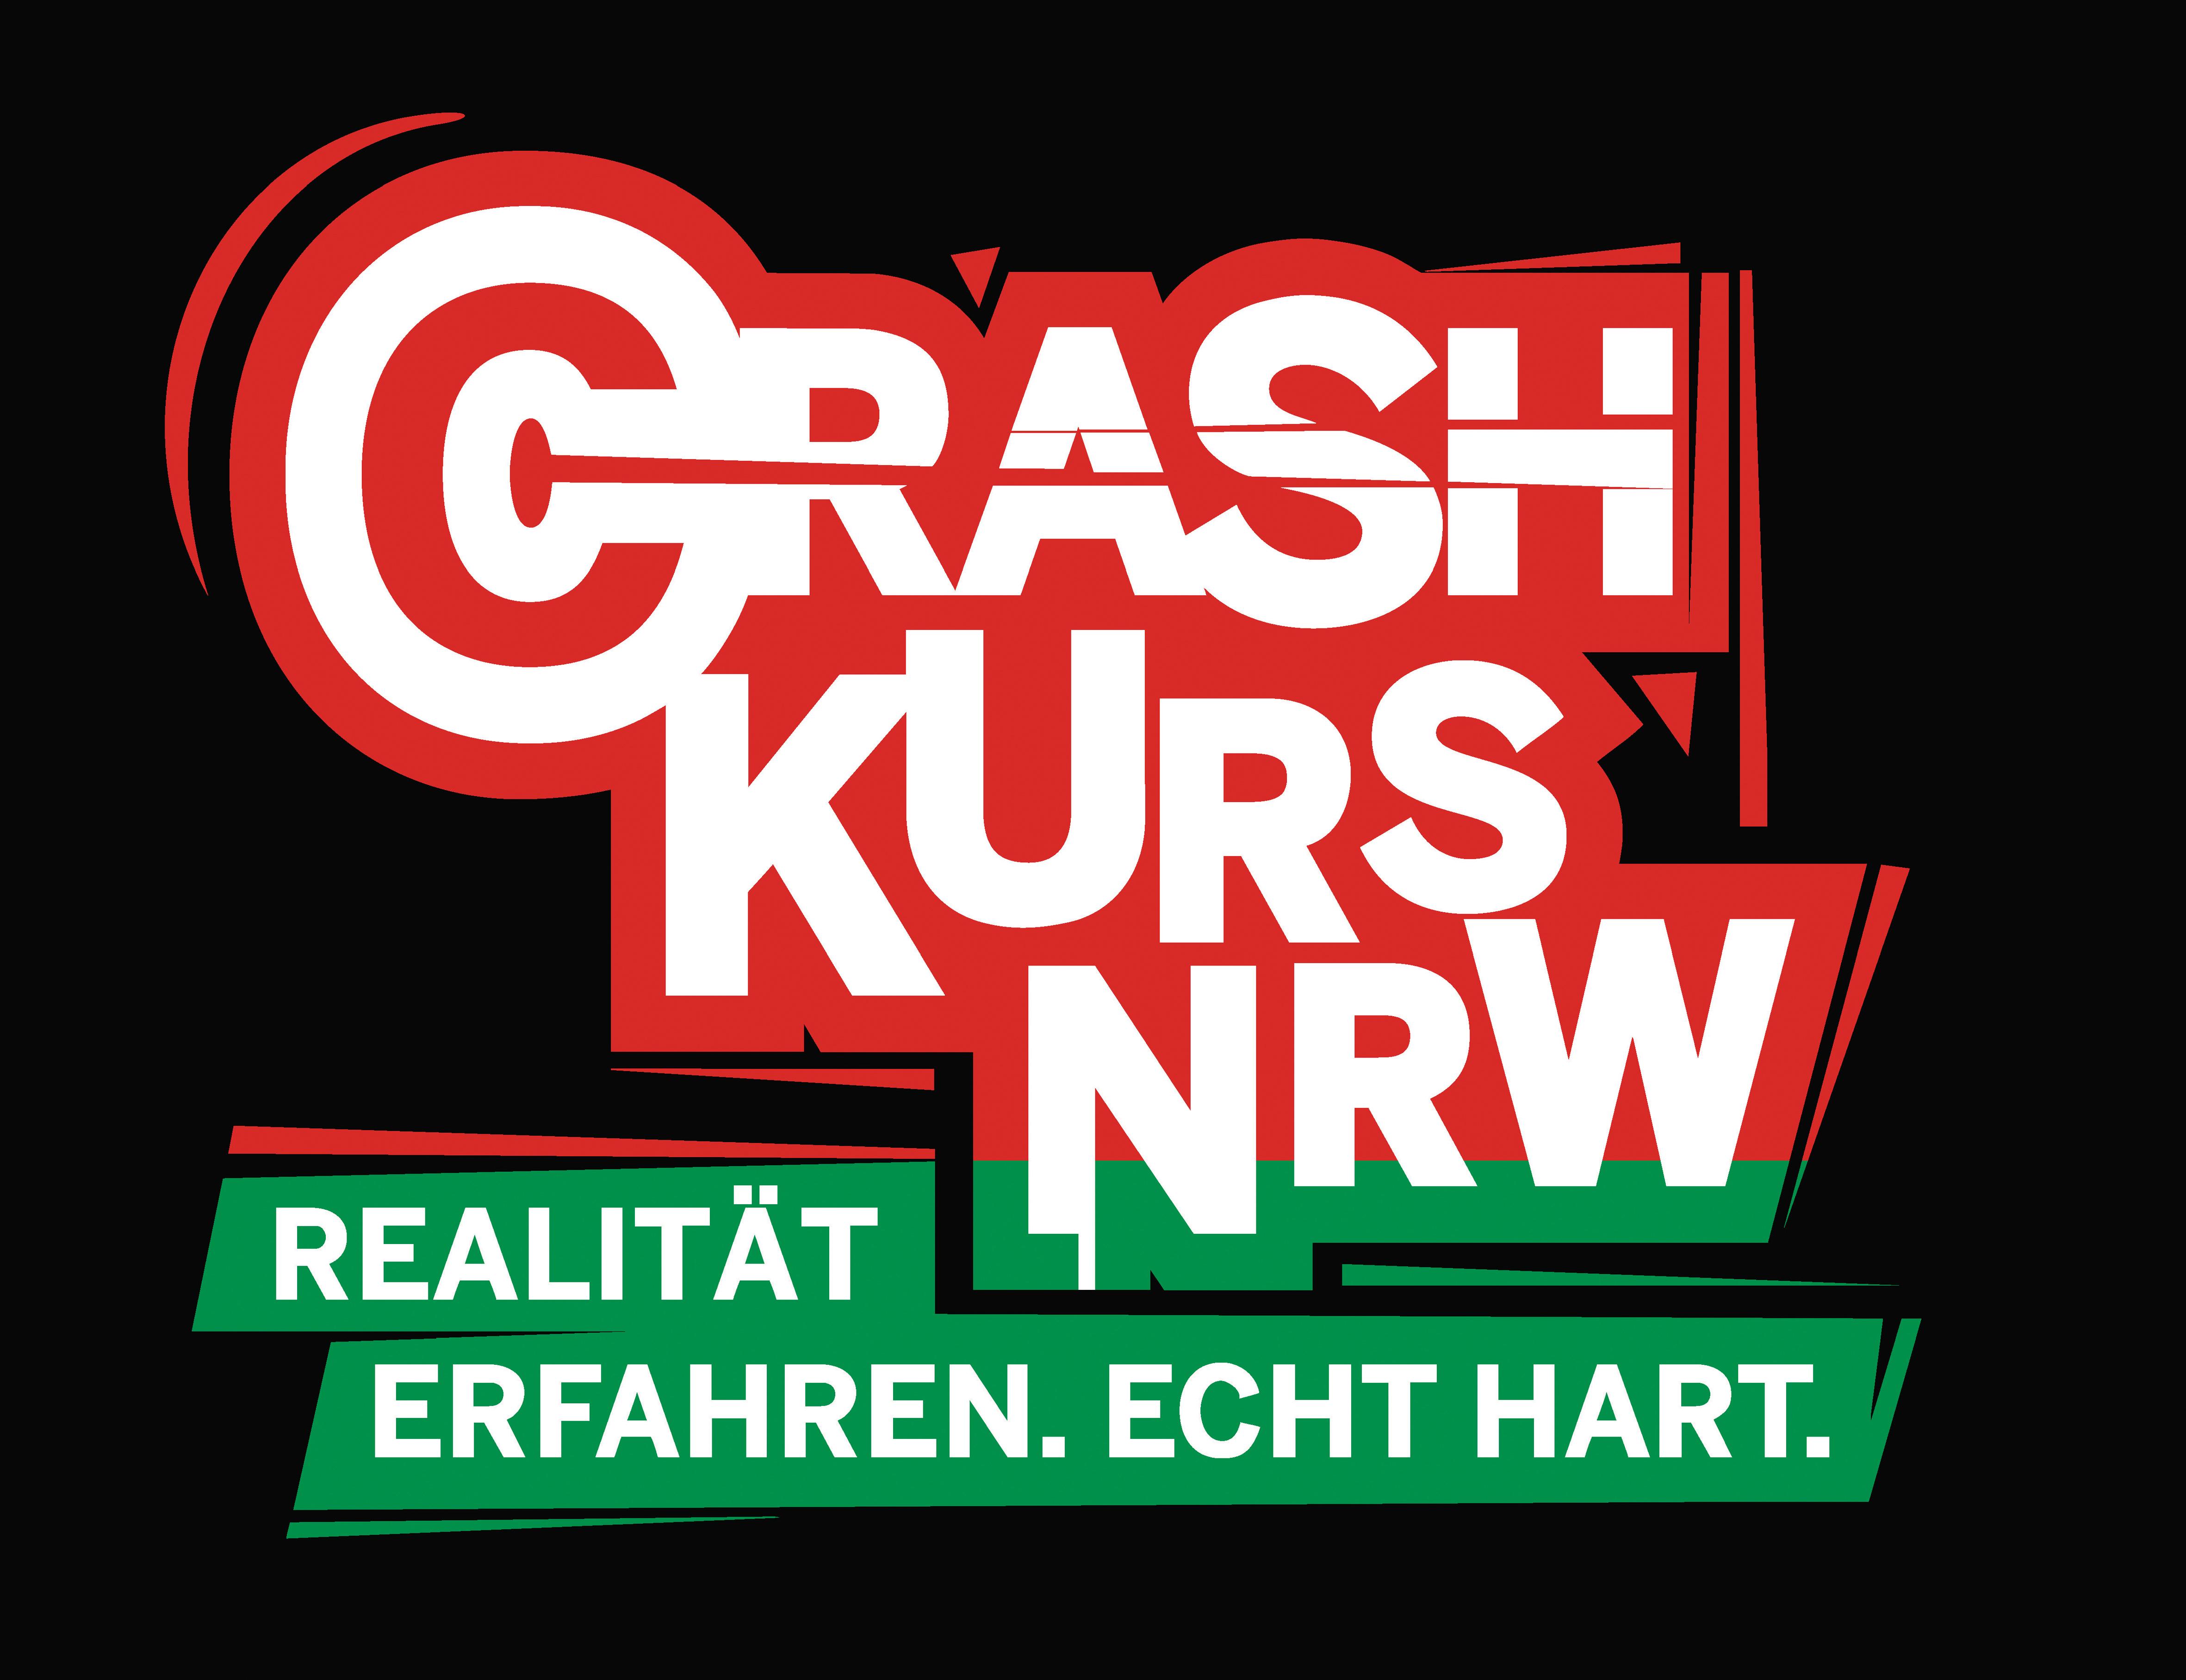 """""""Crash Kurs NRW - Realität erfahren. Echt hart.""""""""Crash Kurs NRW - Realität erfahren. Echt hart."""" (Foto: Polizei Mettmann)"""